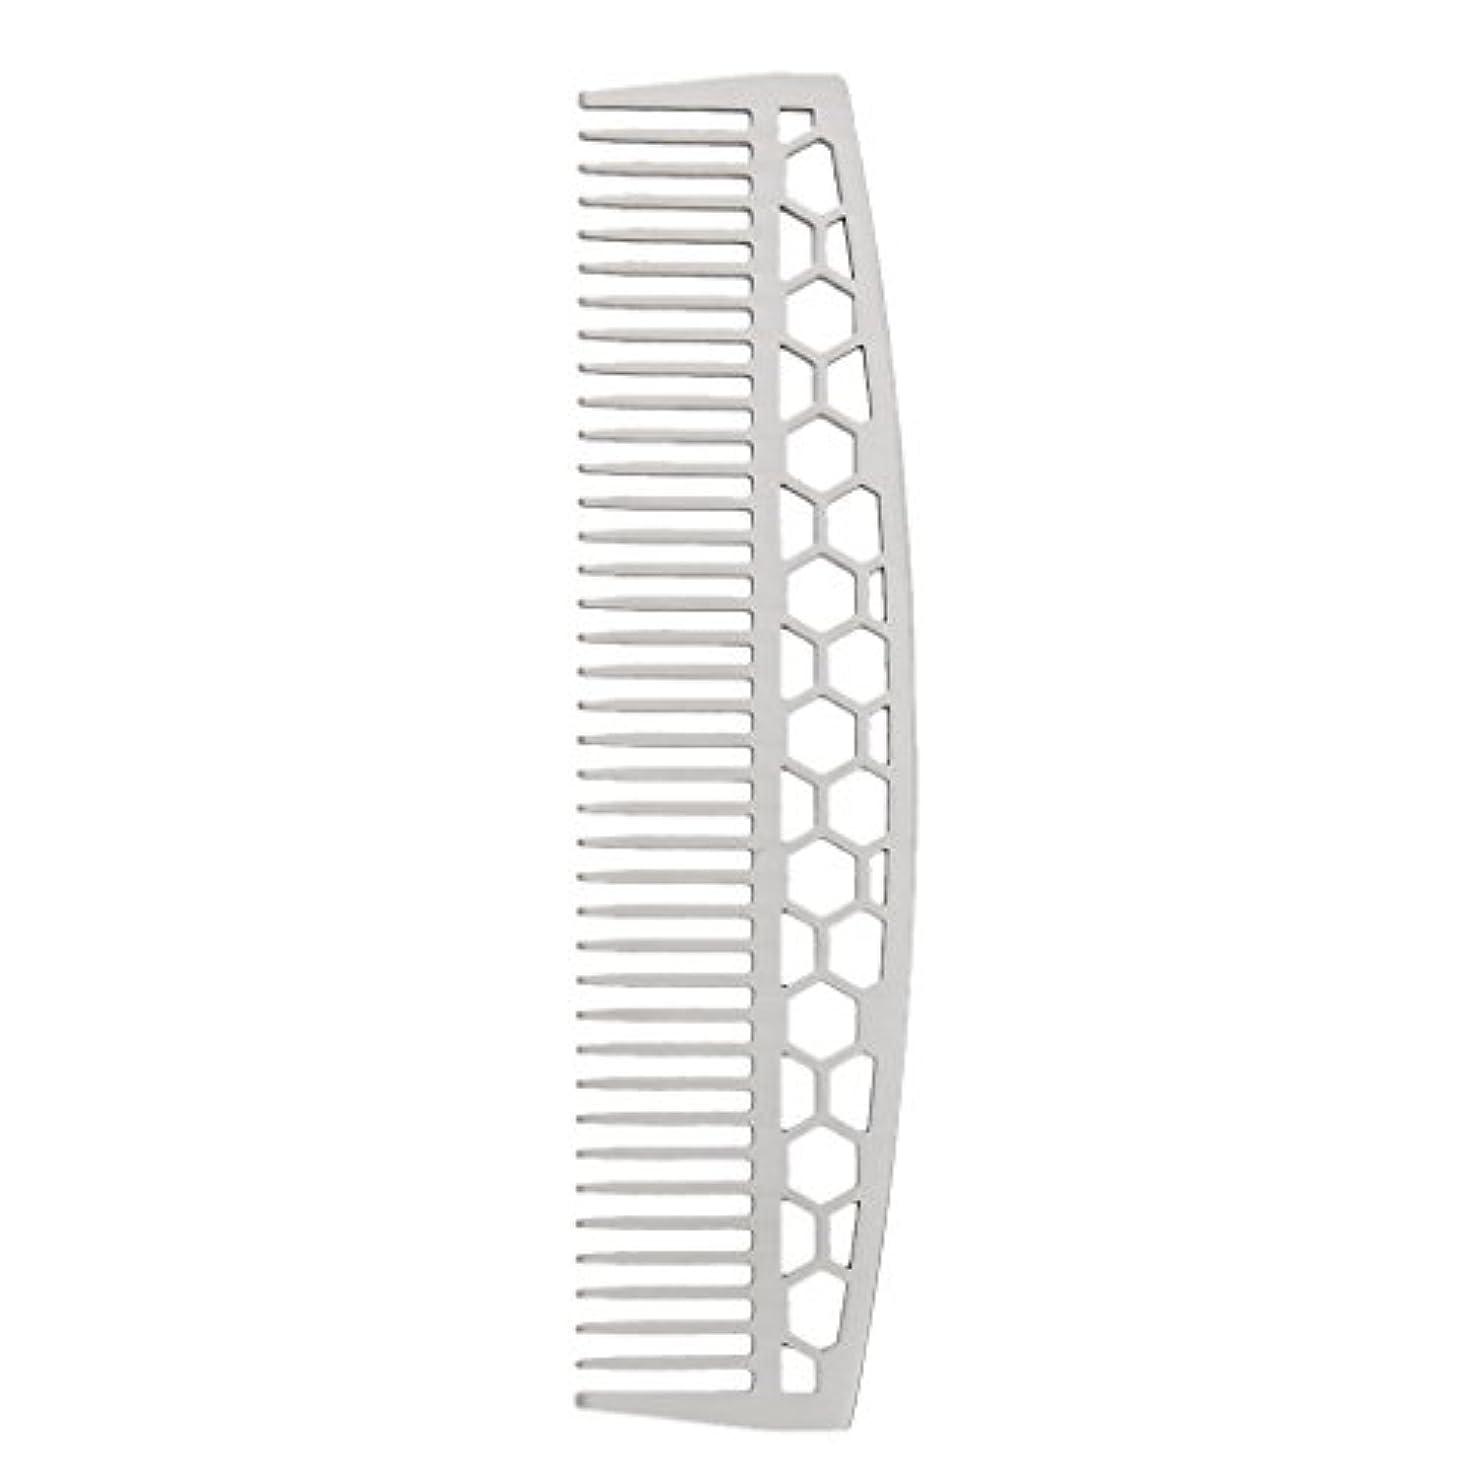 適応歯痛購入DYNWAVE ビアードコーム ひげブラシ ヘアコーム 家庭用櫛 ステンレス 2タイプ - #1